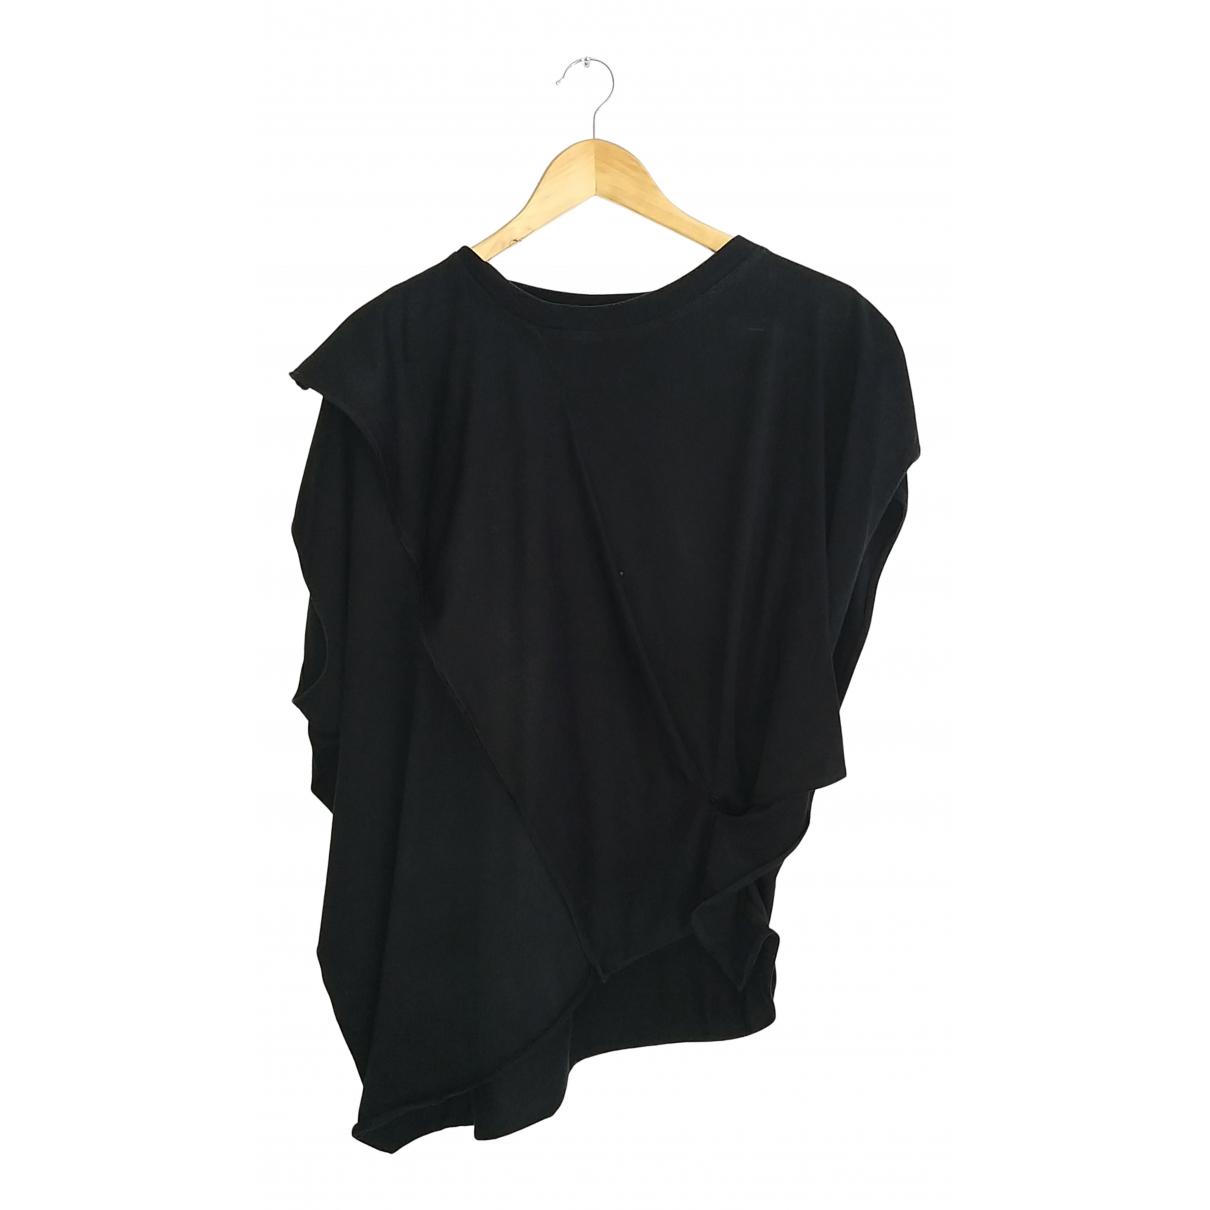 Maison Martin Margiela - Top   pour femme en coton - noir